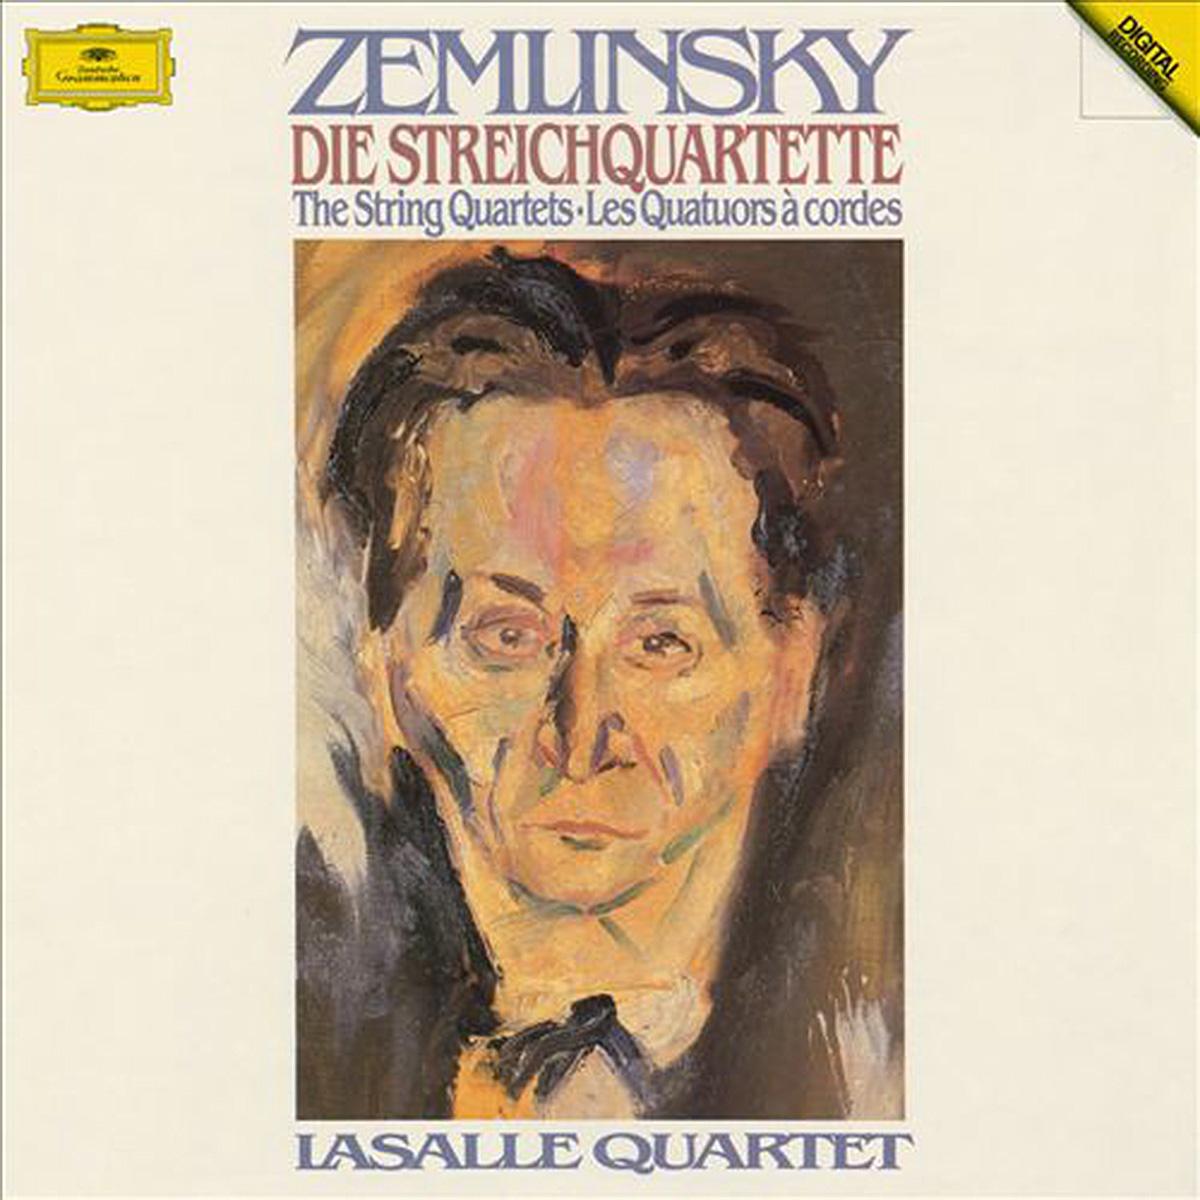 DGG 2741016 Zemlinsky Quatuor La Salle